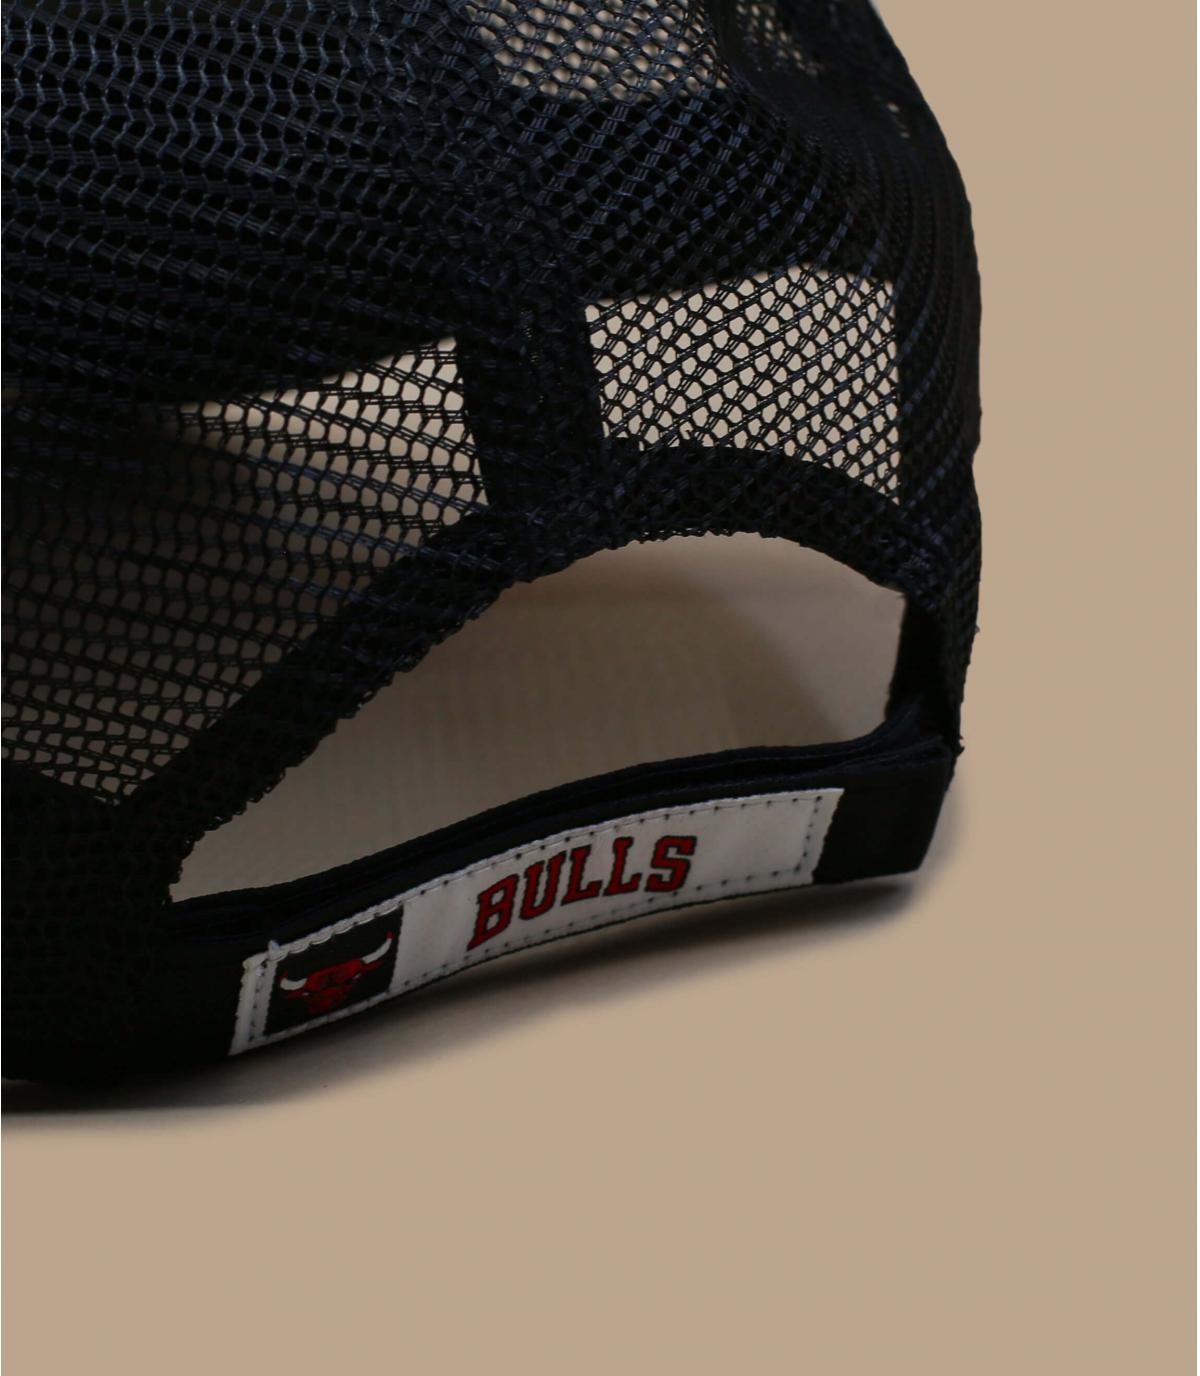 Détails Seasonal The League 940 Bulls - image 4